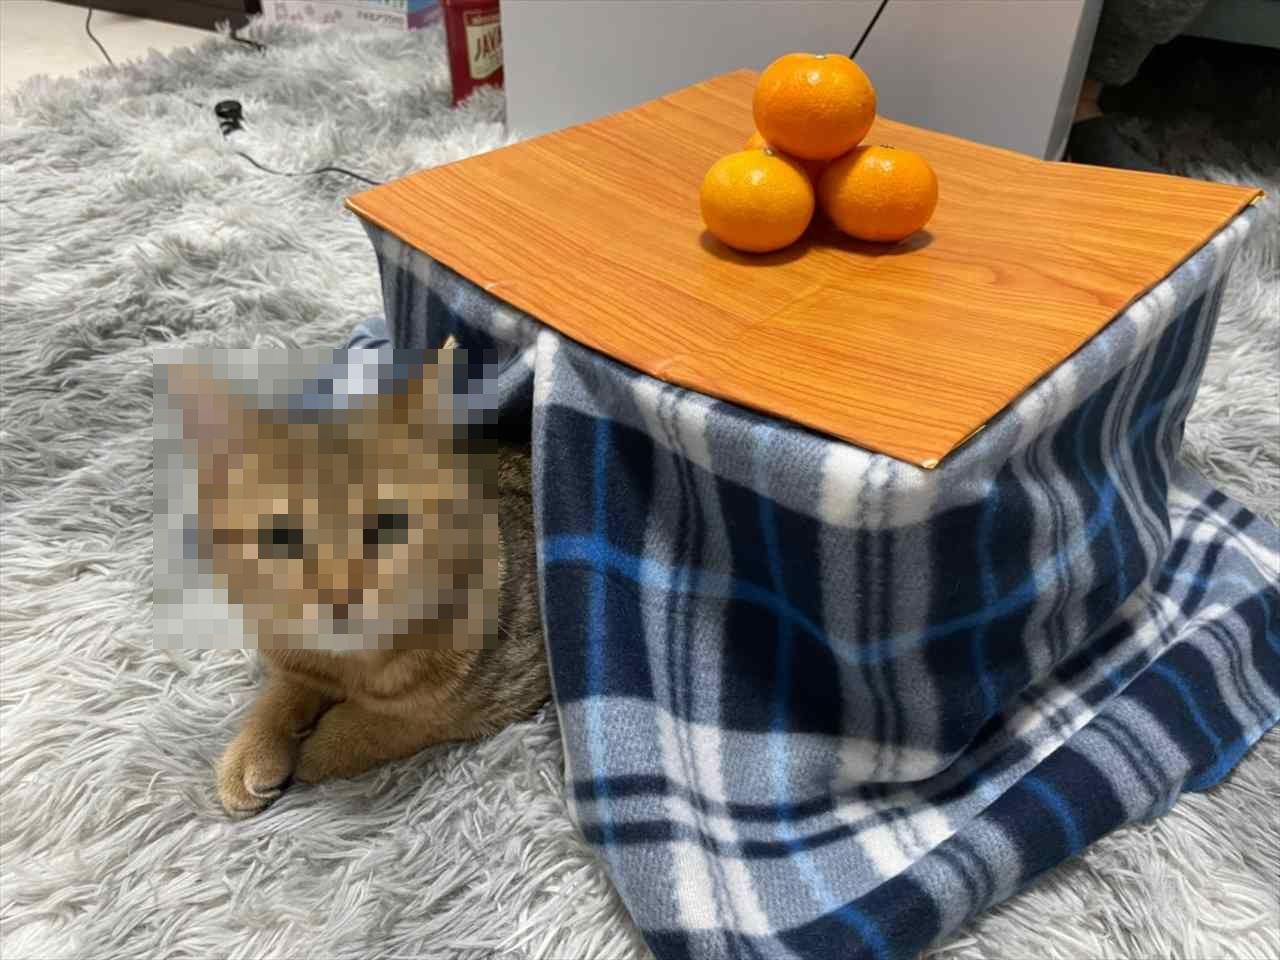 気に入ってずーっと中に入ってぬくぬくしとる…猫専用のコタツに入る愛猫が可愛すぎる!